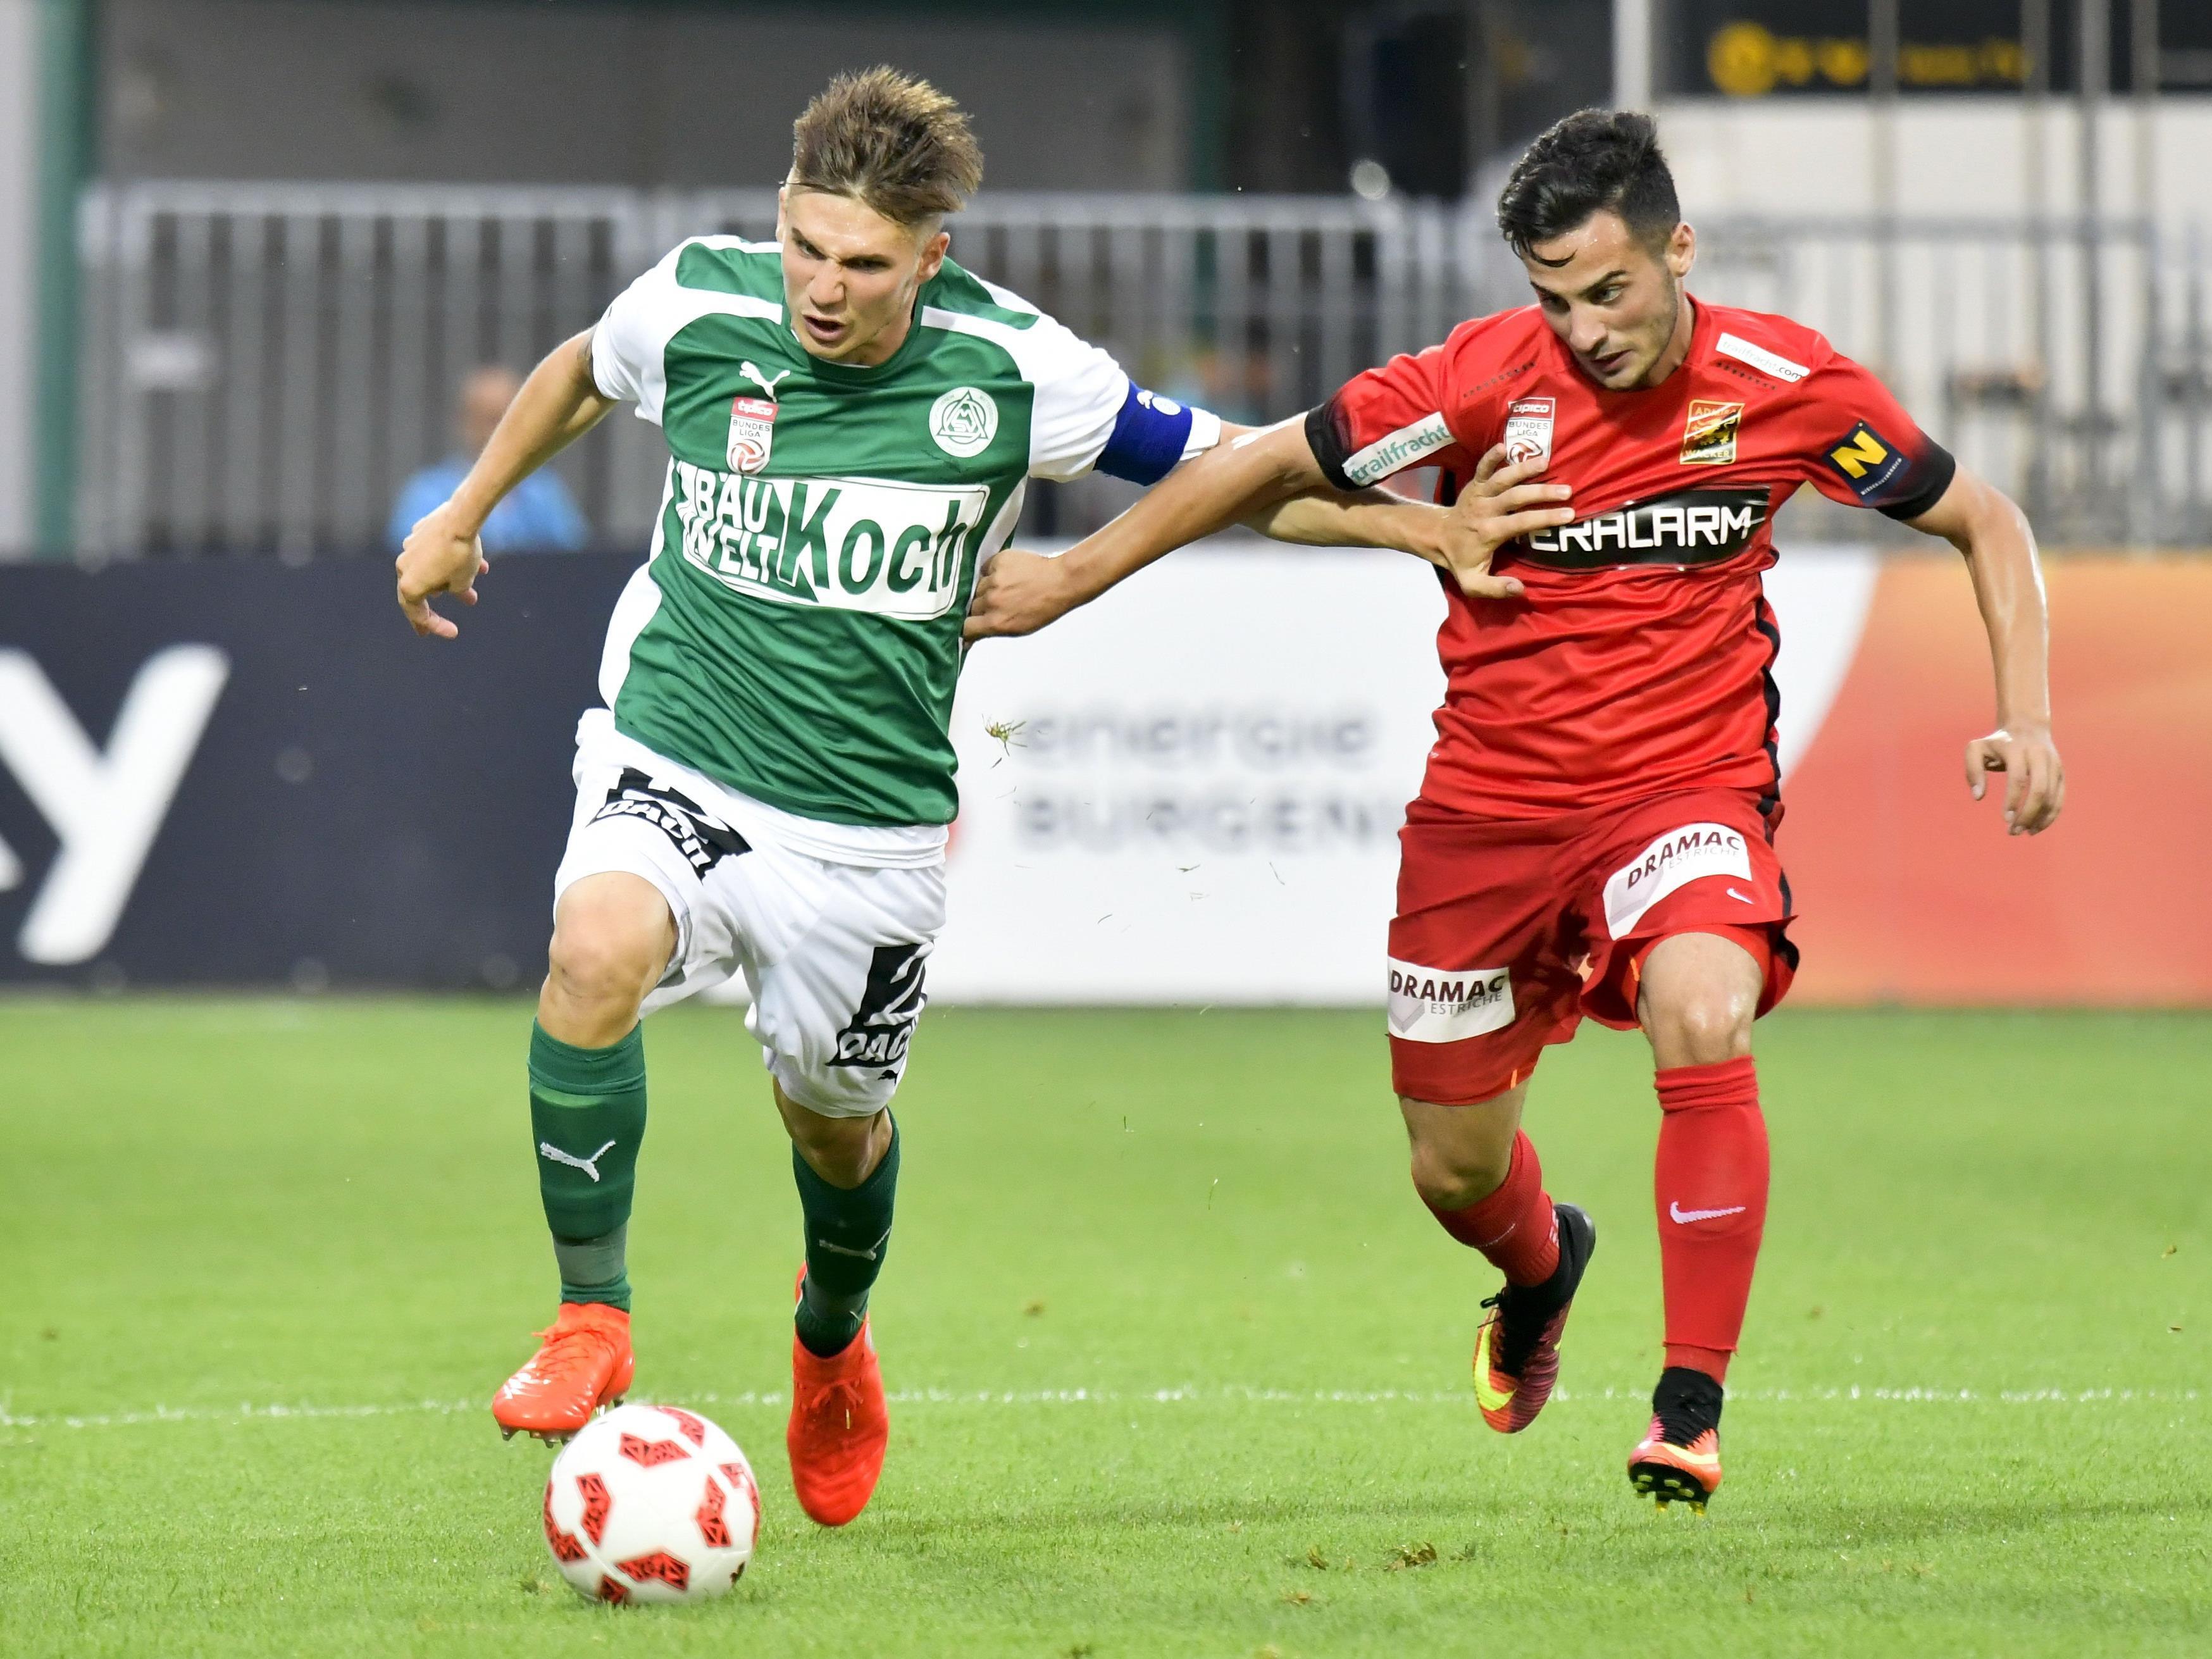 Admira spielt am Samstag gegen Mattersburg